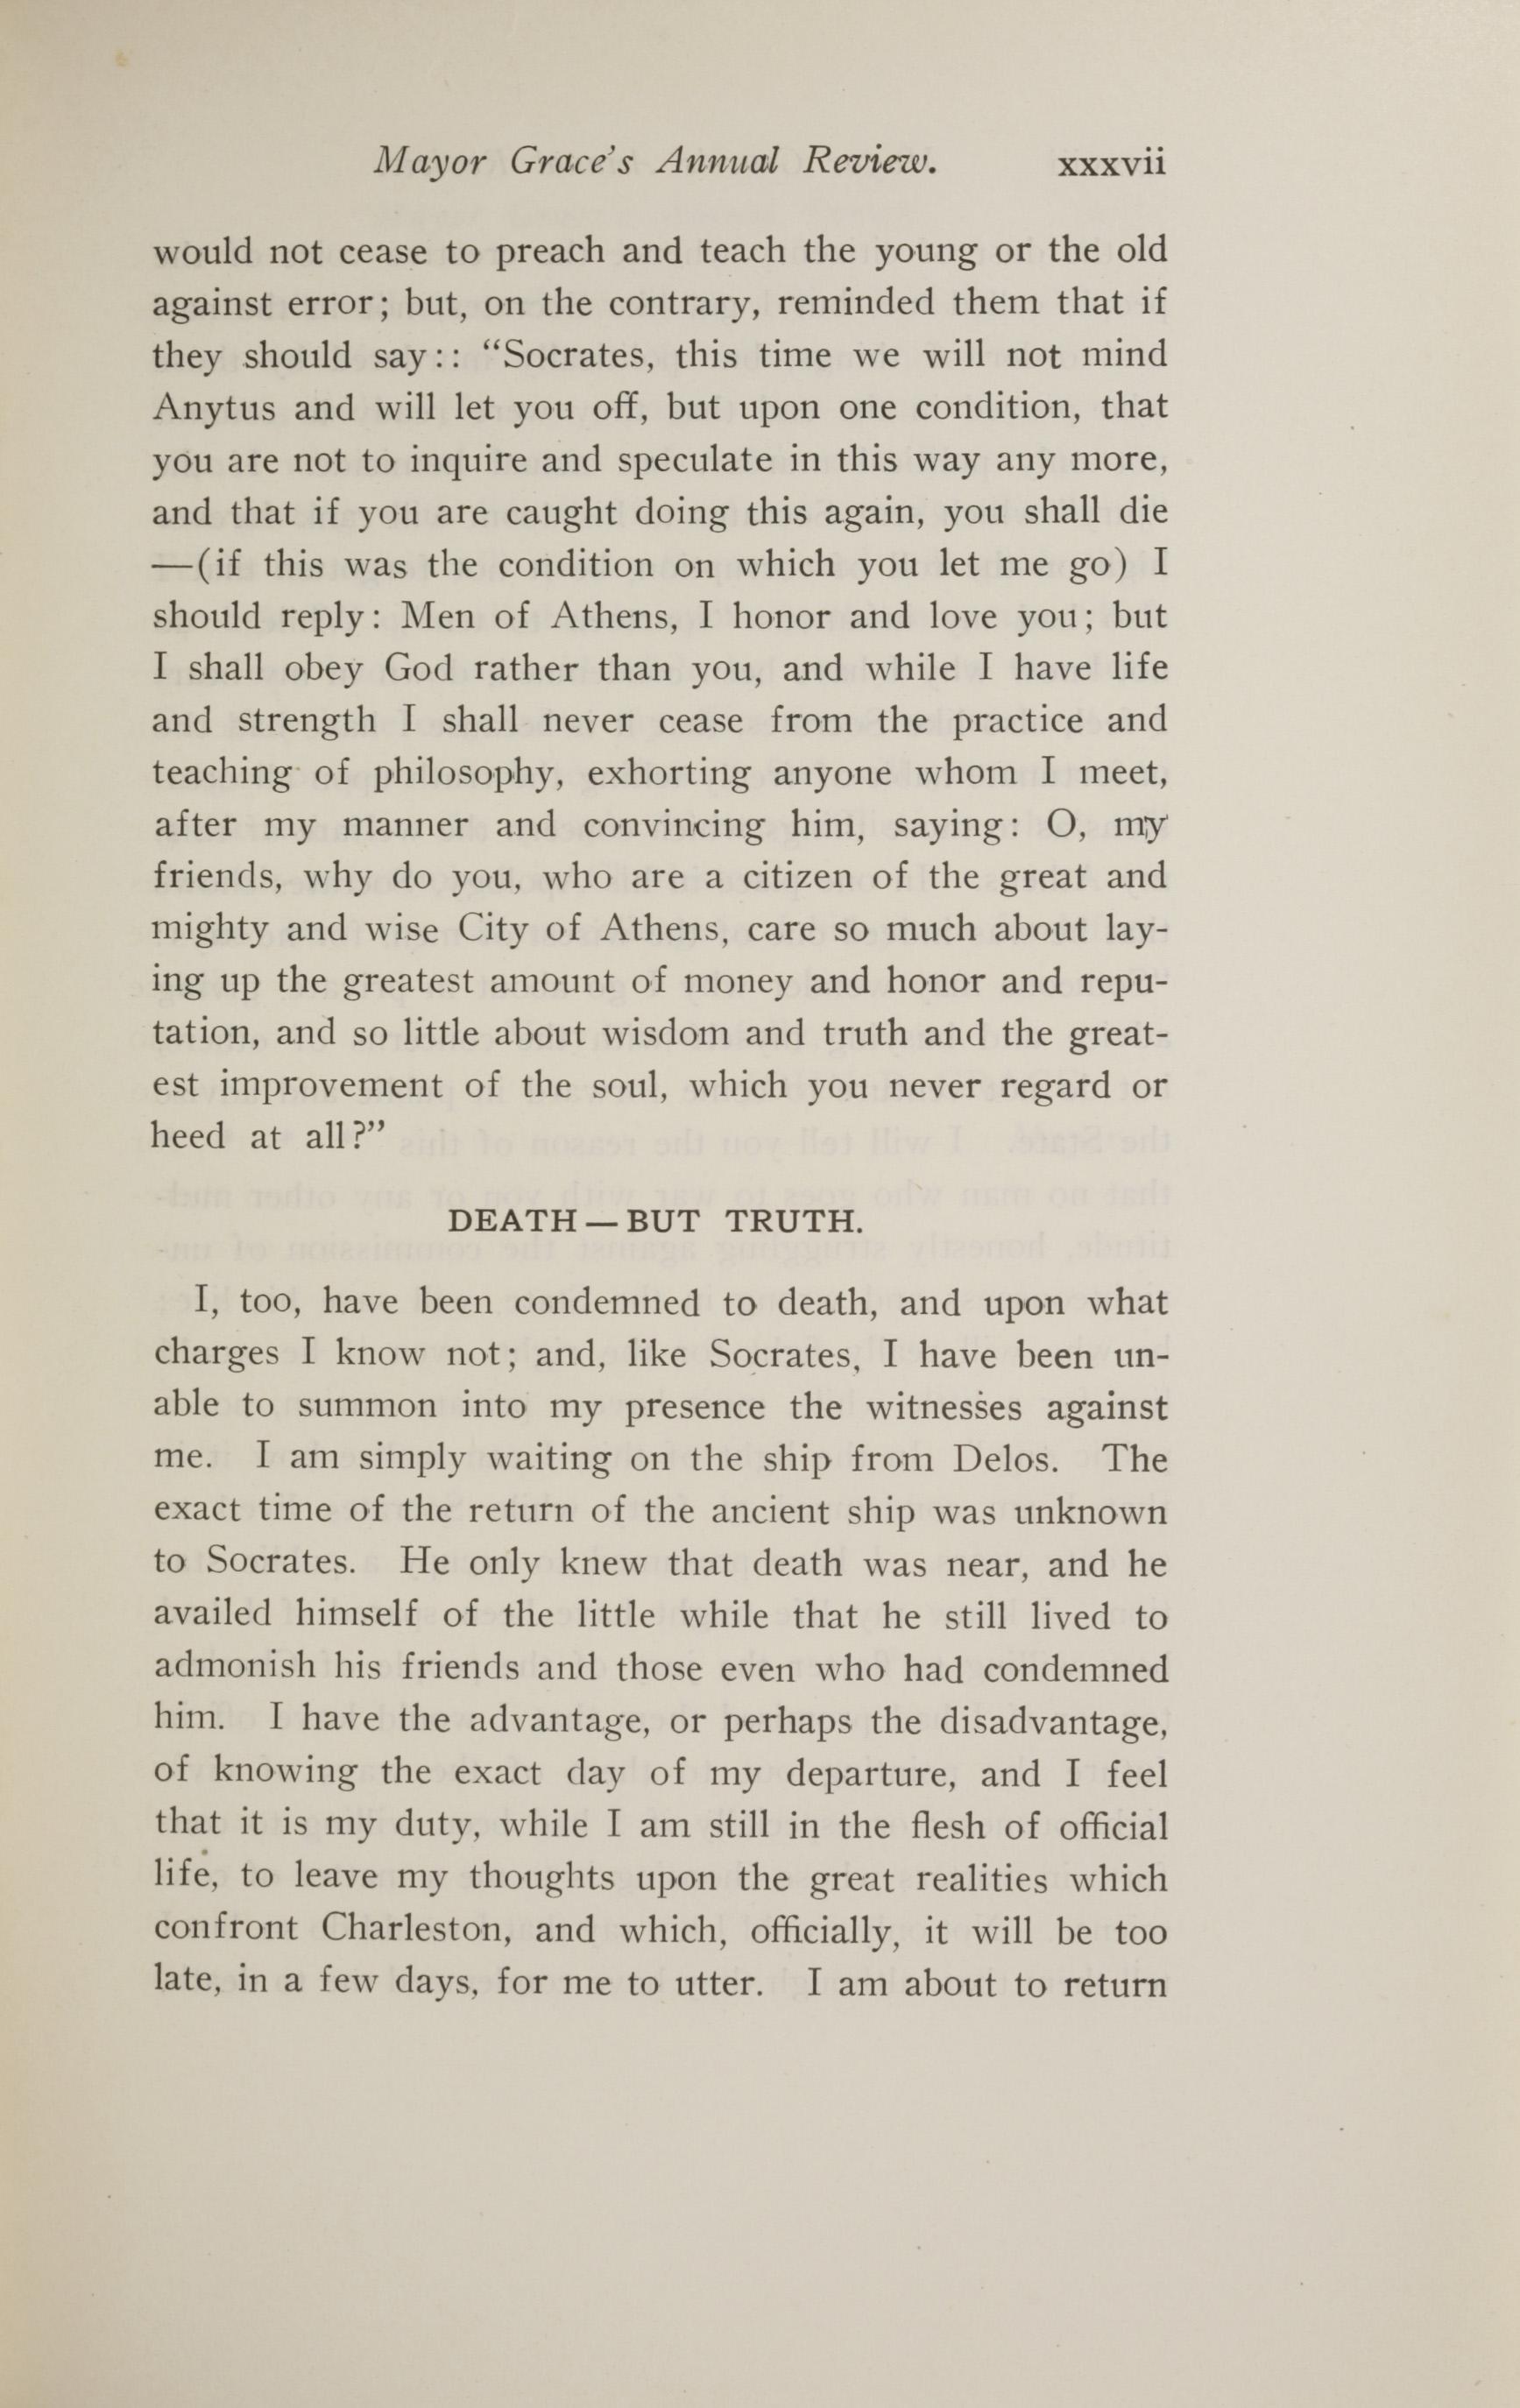 Charleston Yearbook, 1914, page xxxvii